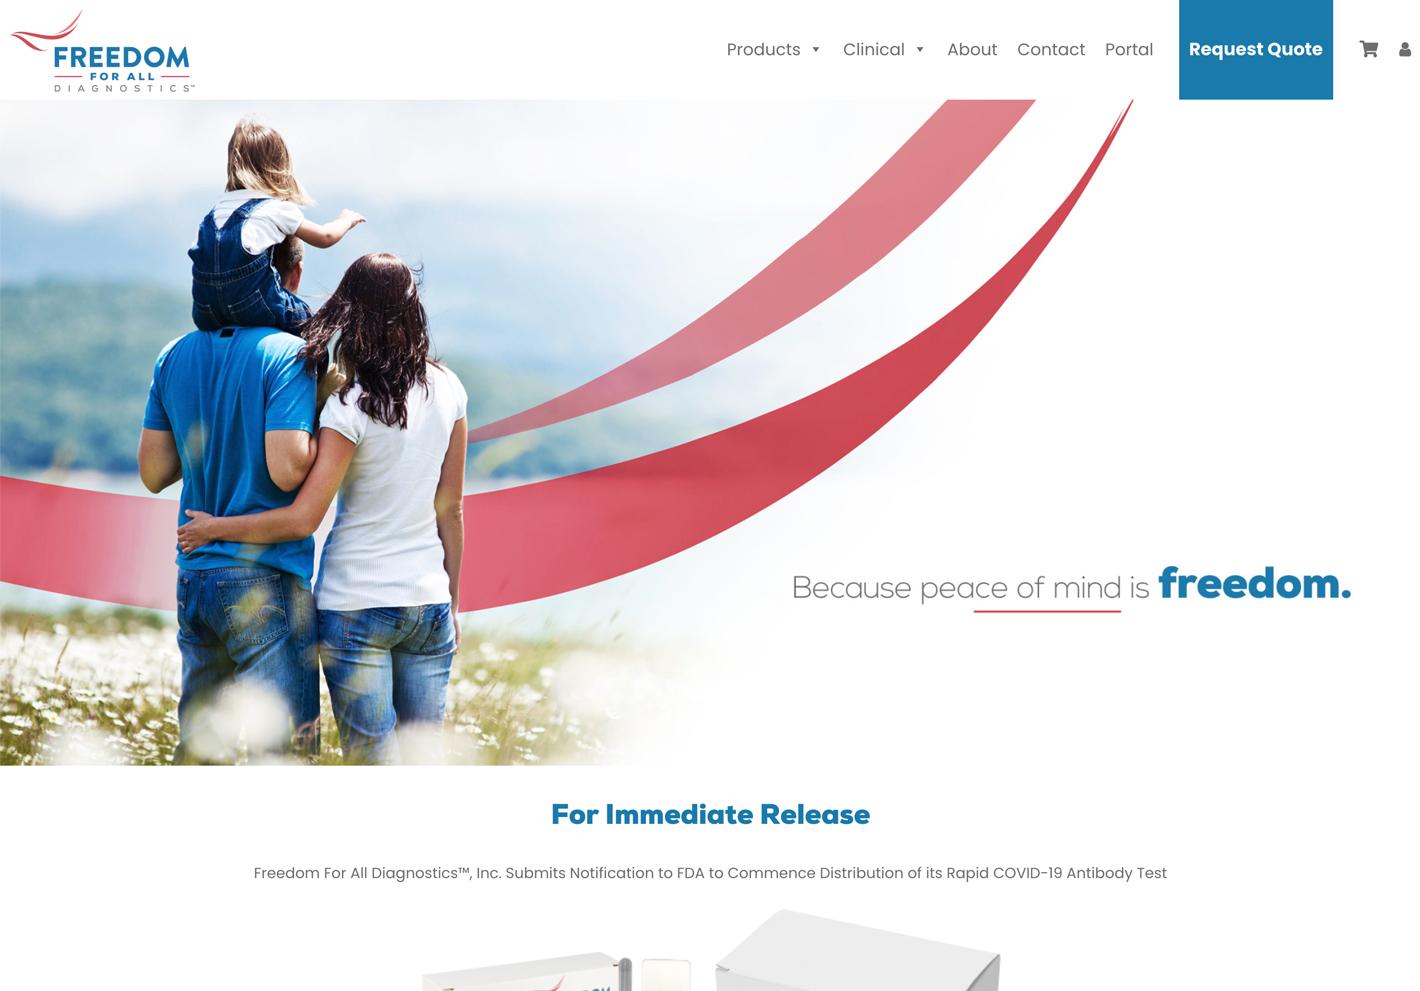 epk-media-freedom-wordpress-20210603